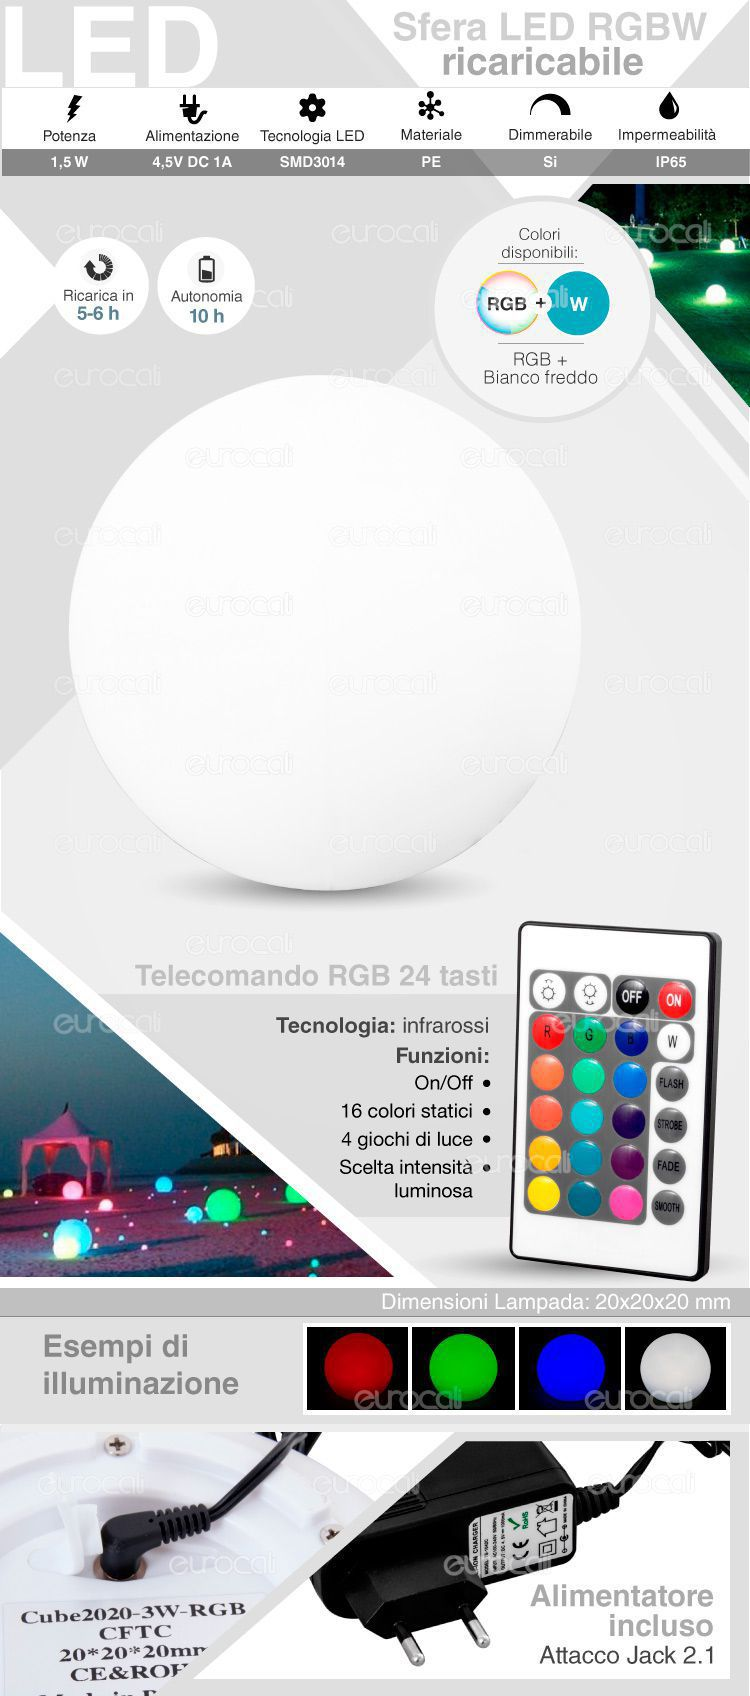 sfera RGB+W IP 65